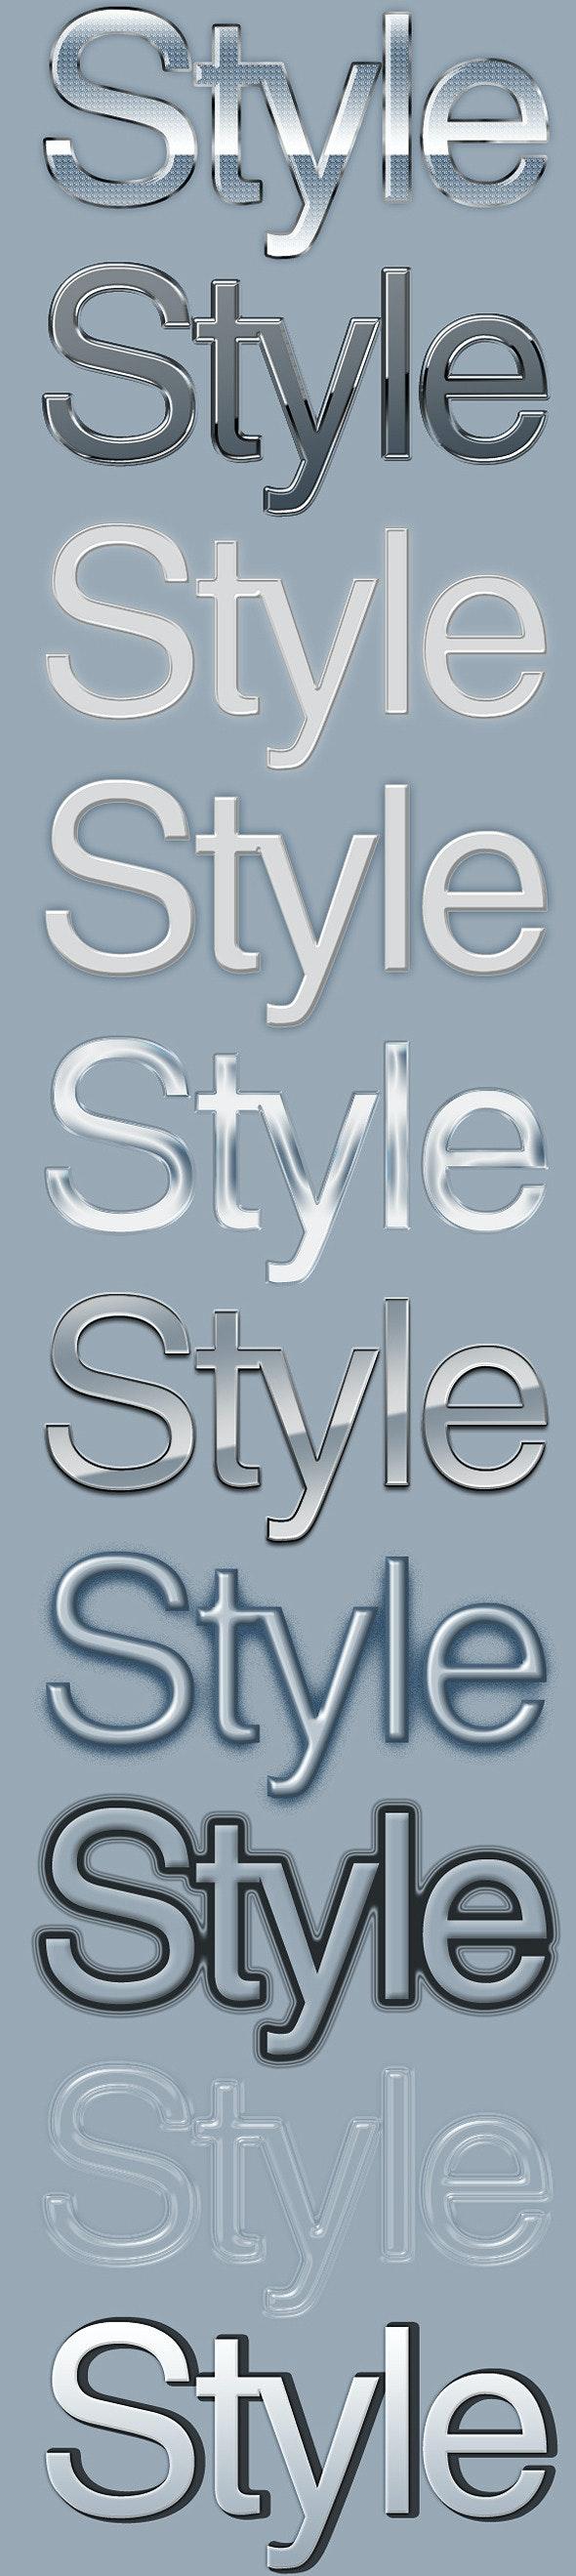 10 Elegant Text Styles 2 - Text Effects Styles